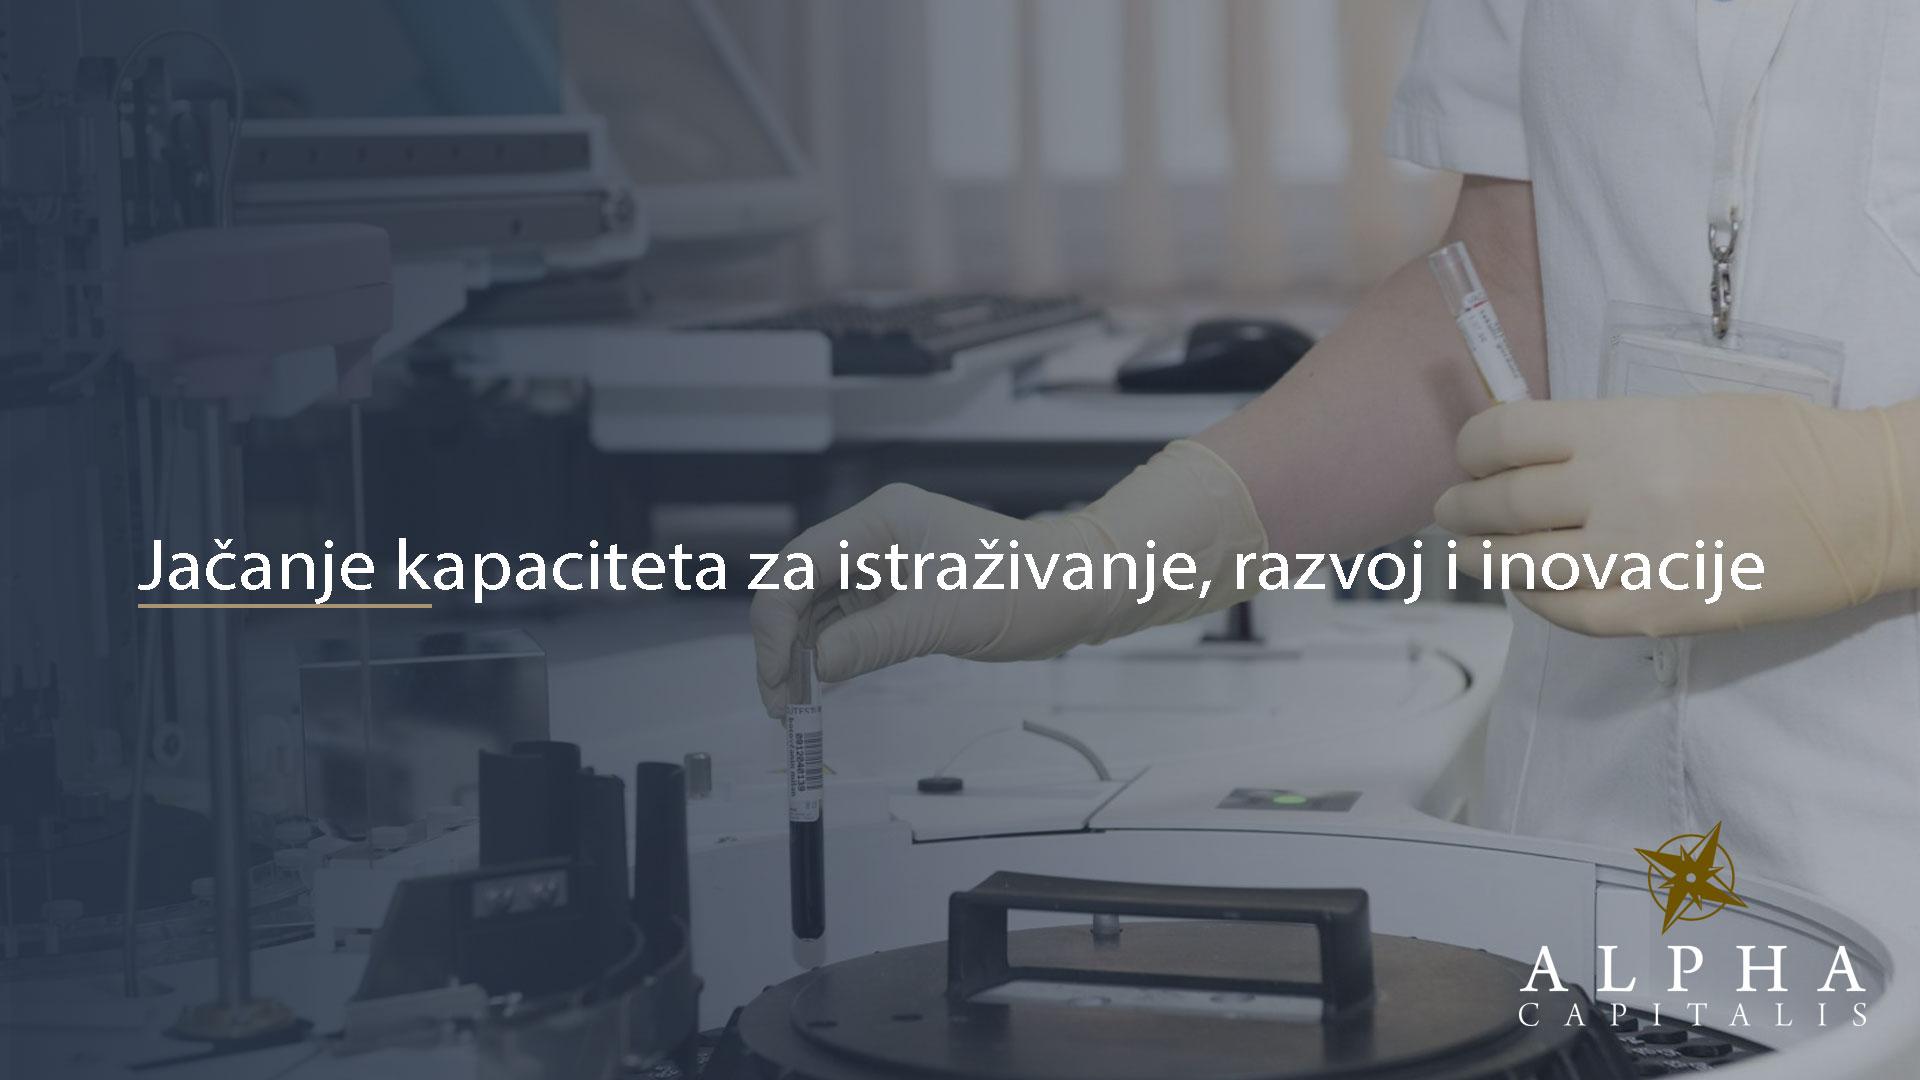 alpha-capitalis-Jačanje kapaciteta za istraživanje, razvoj i inovacije